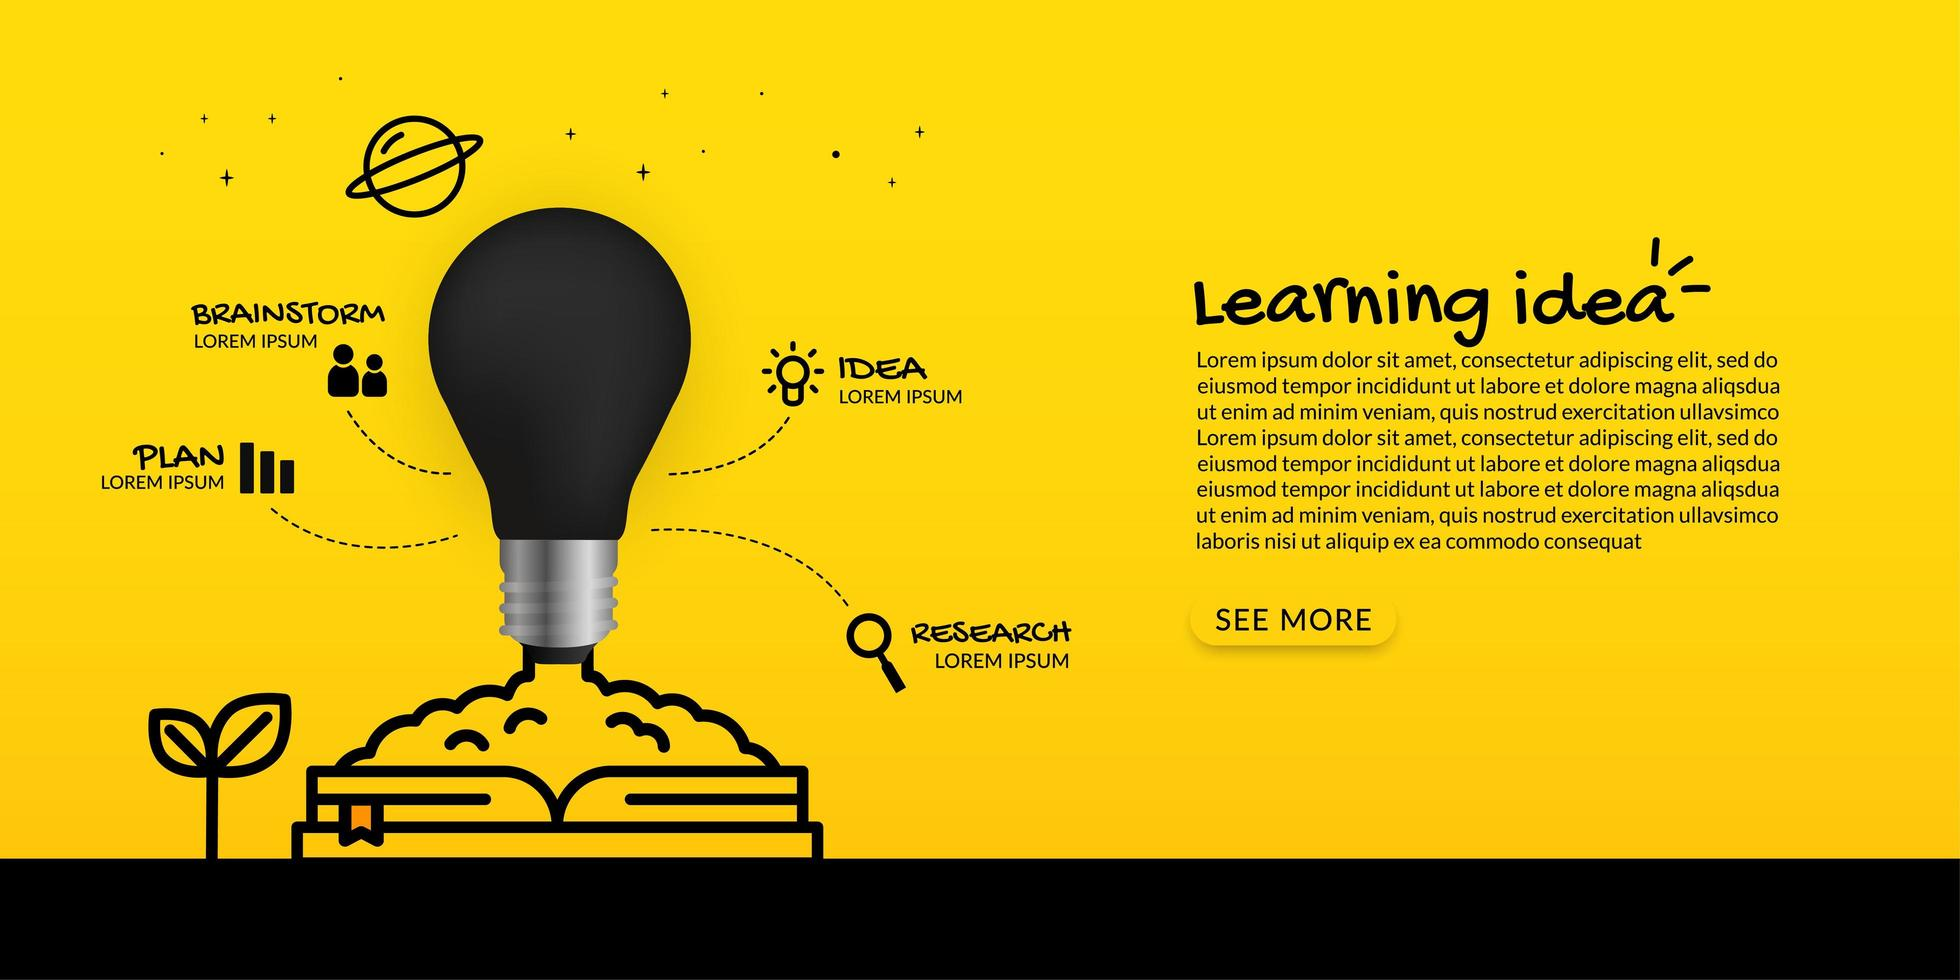 Lancement de l'ampoule du concept d'apprentissage du livre vecteur